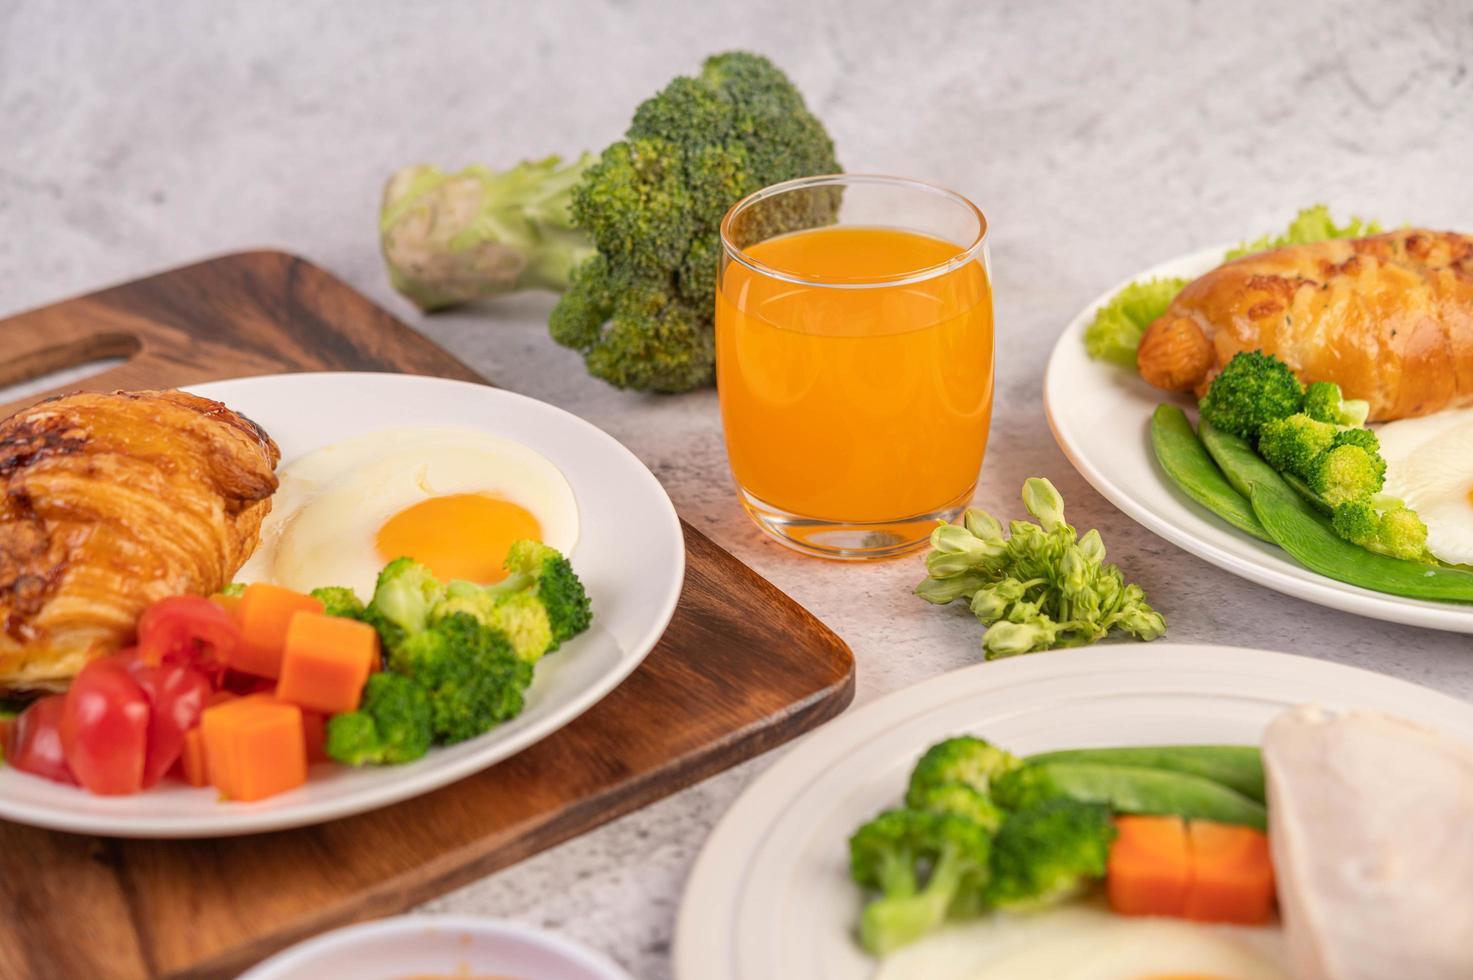 desayuno para untar de pollo, huevos fritos, brócoli, zanahorias, tomates y lechuga foto